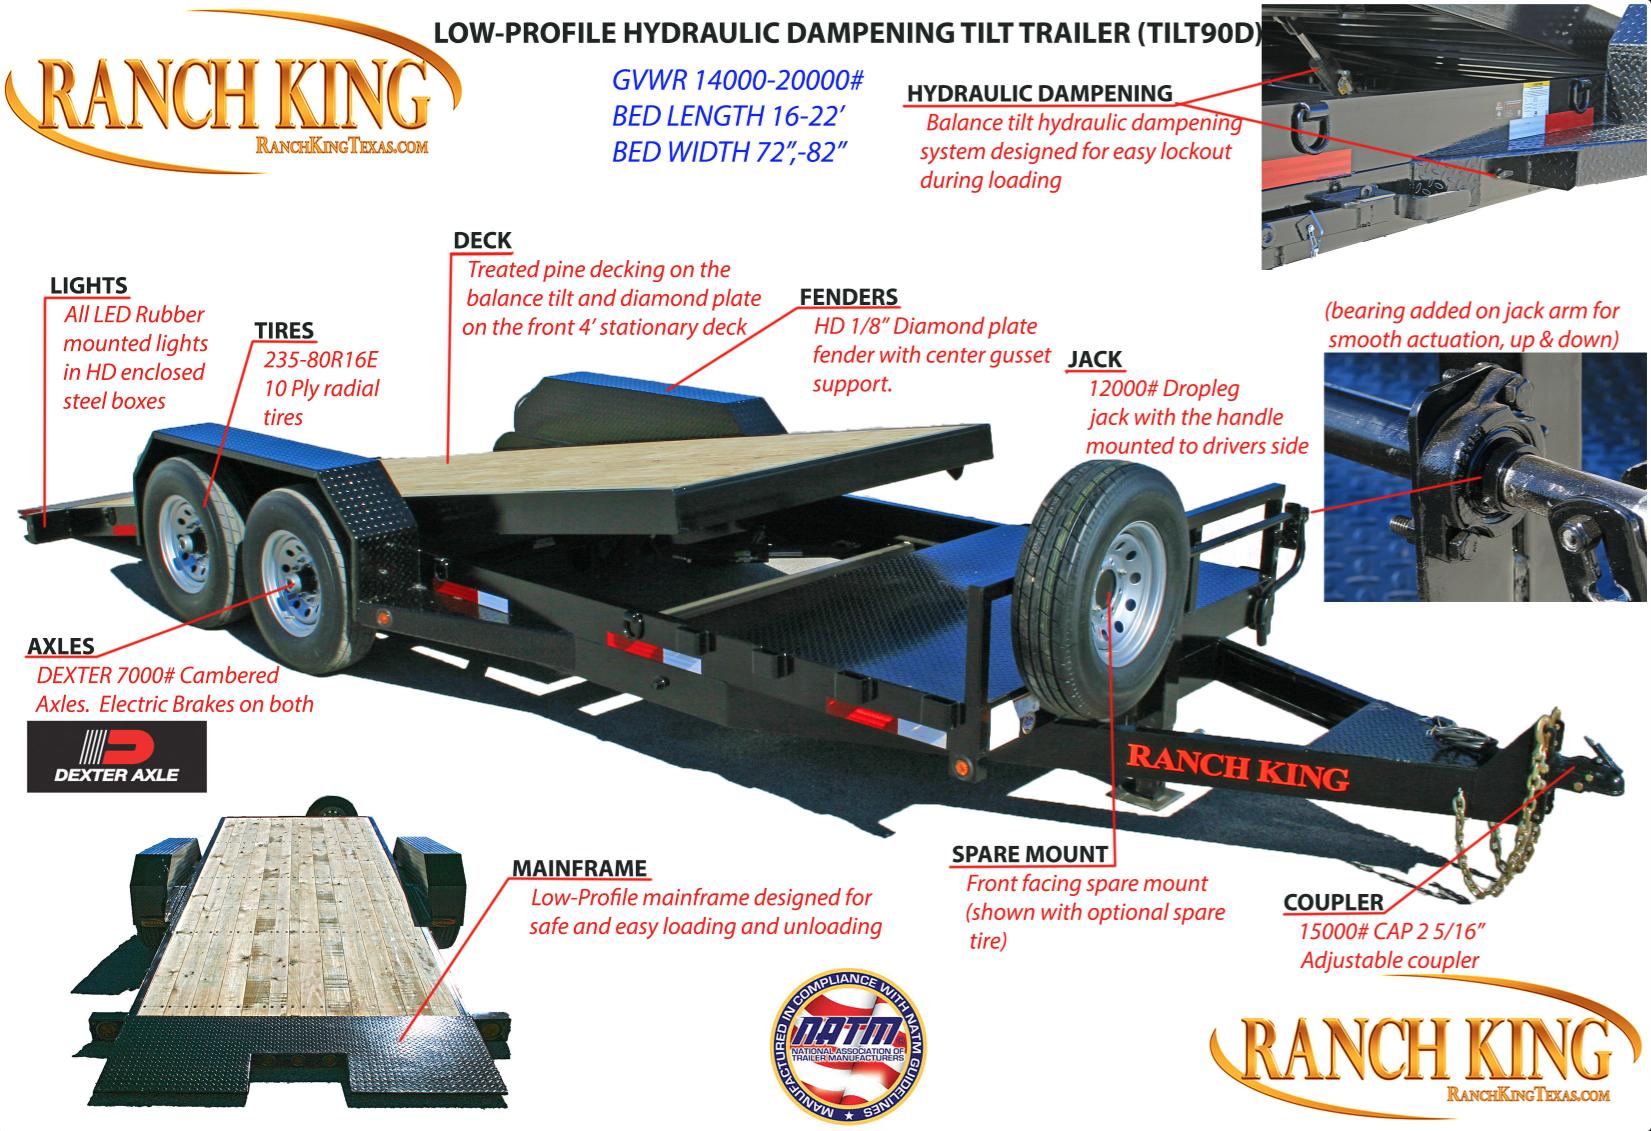 TILT90D Low-Pro Hyd Dampening Tilt Trailer